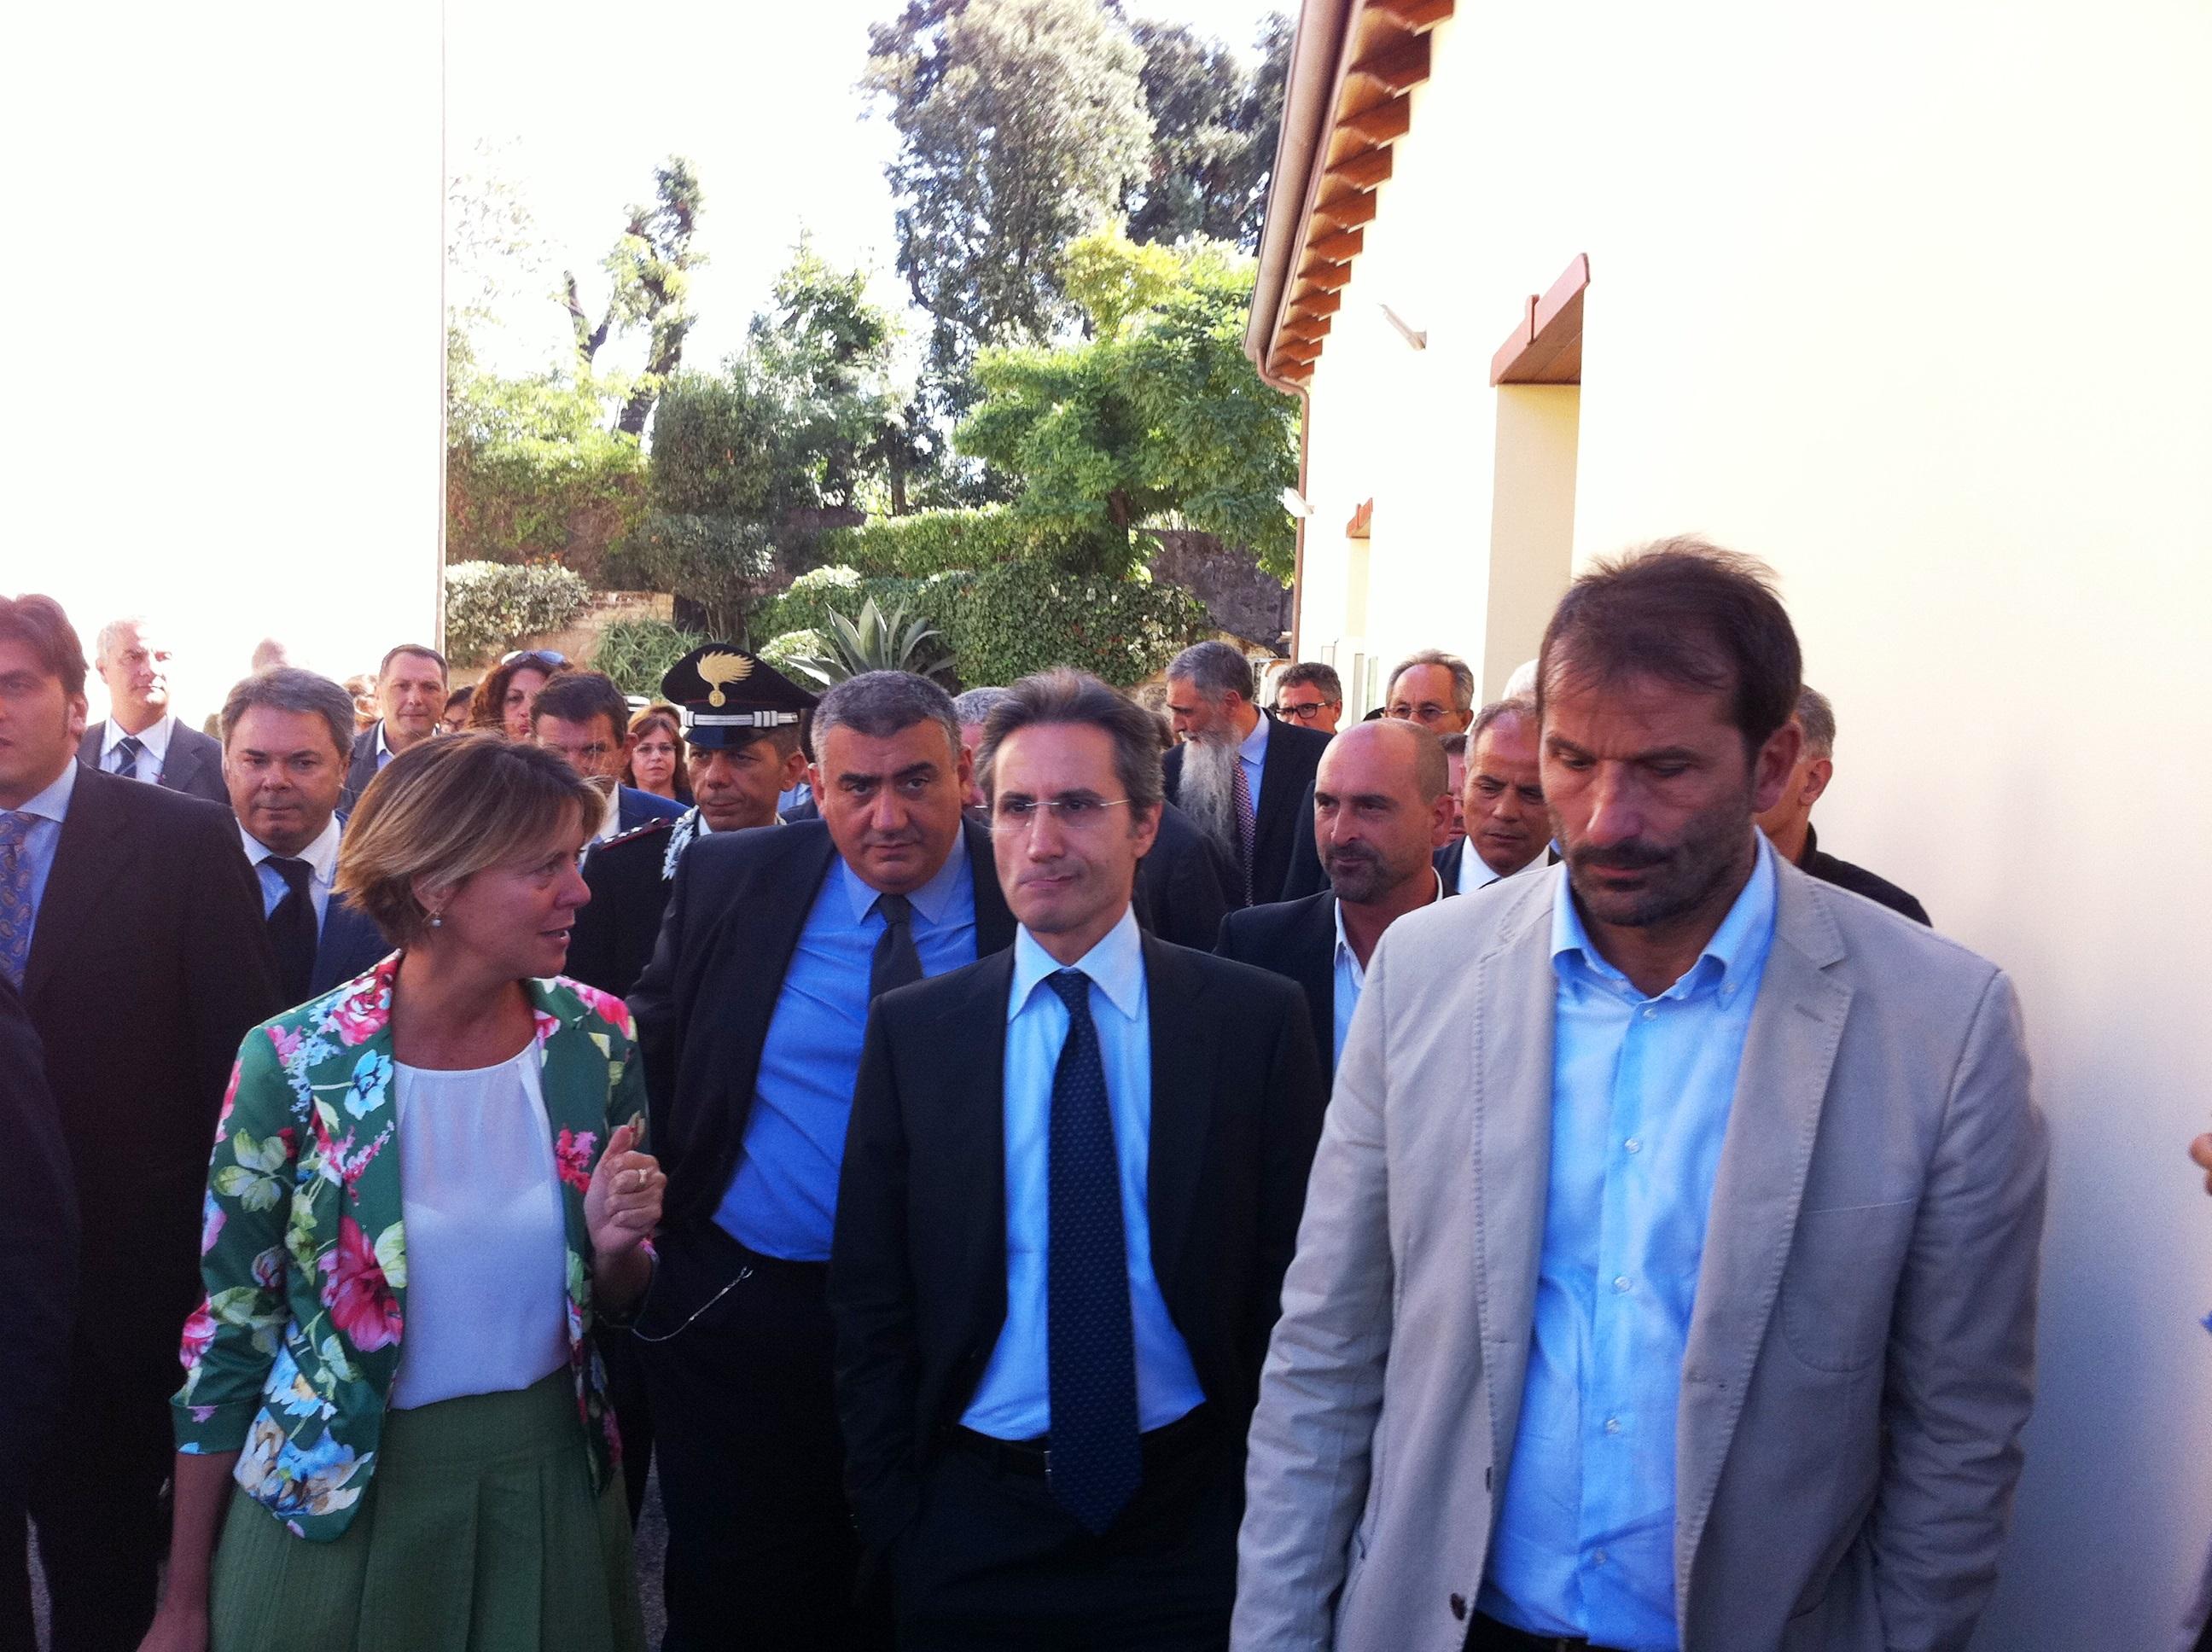 Il ministro della Salute, Beatrice Lorenzin, visita l'istituto Zooprofilattico di Portici